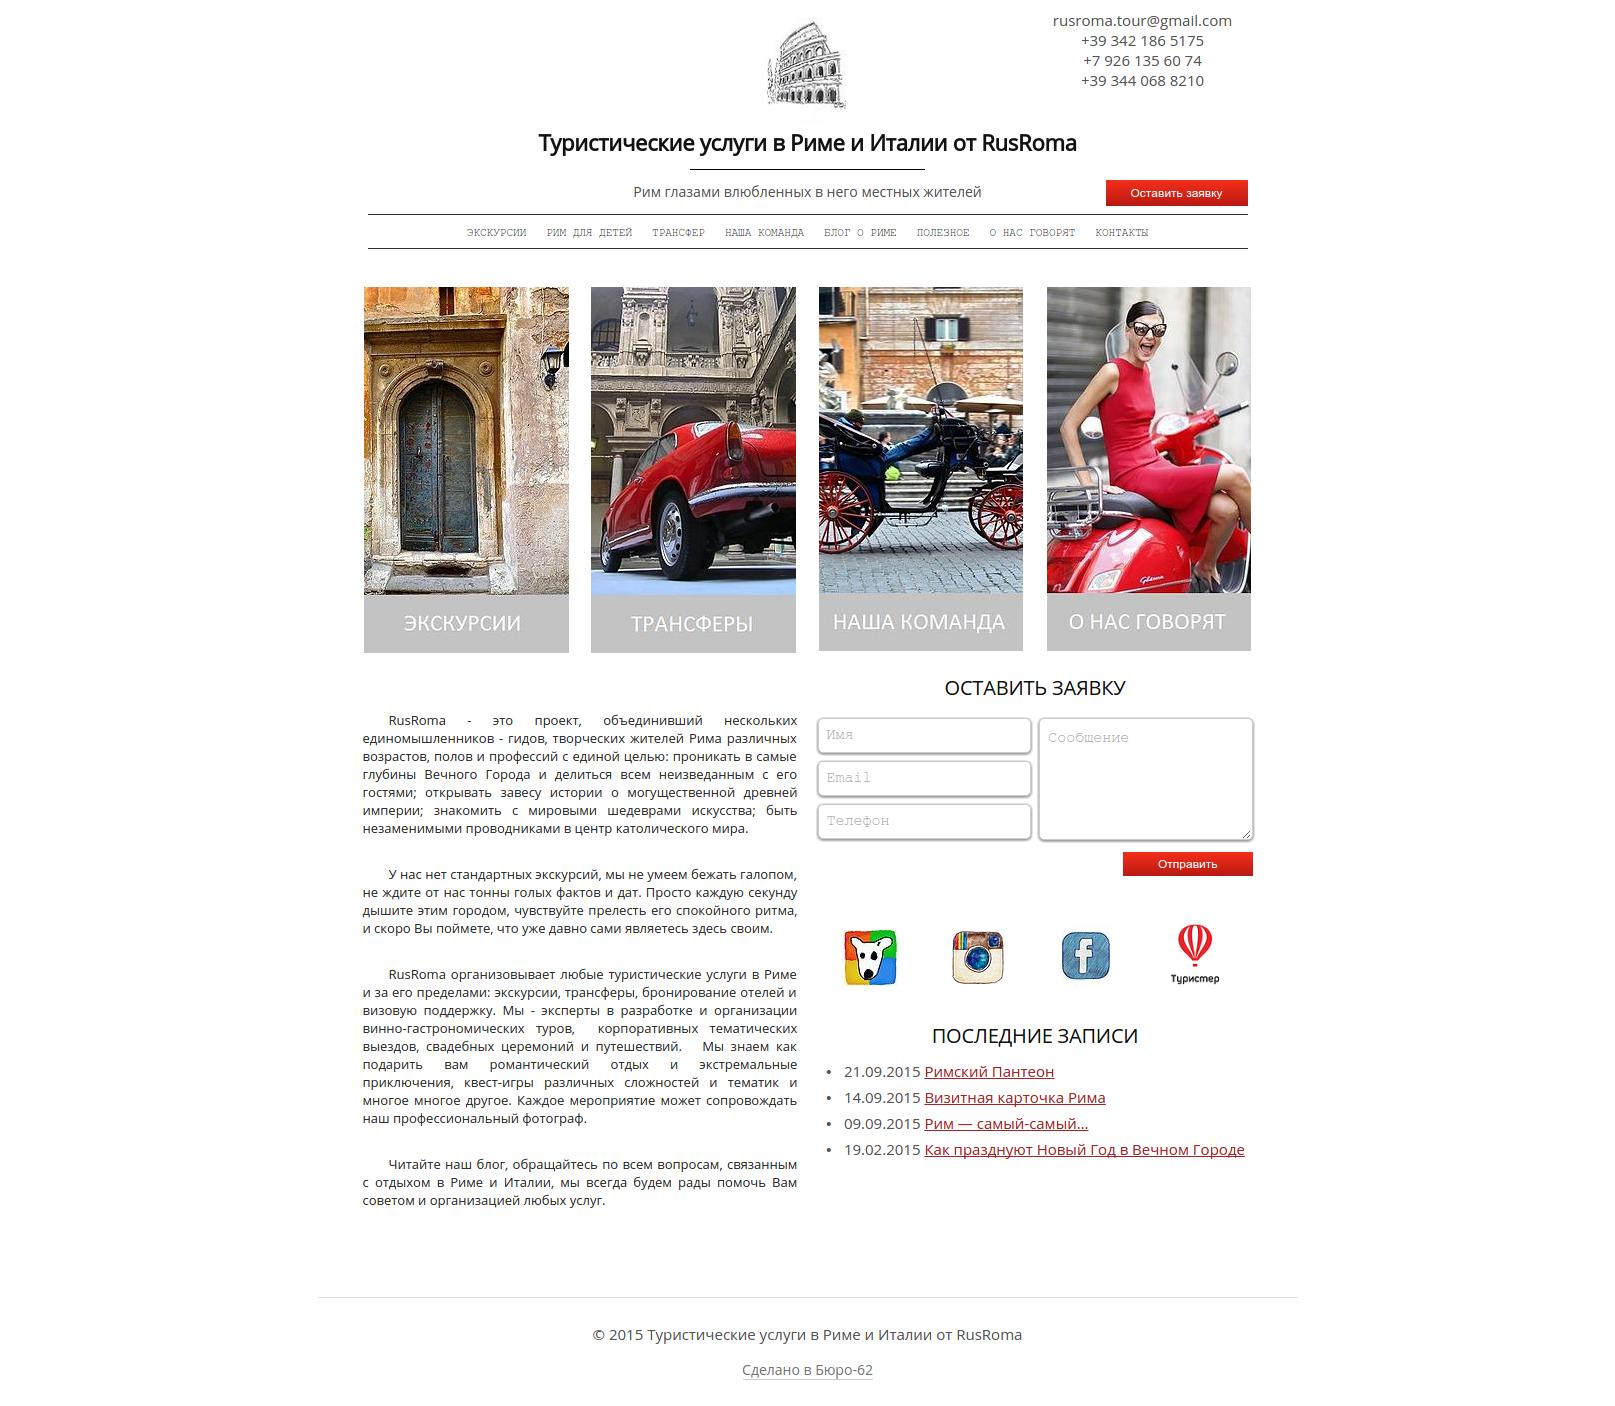 Туристические услуги в Риме и Италии